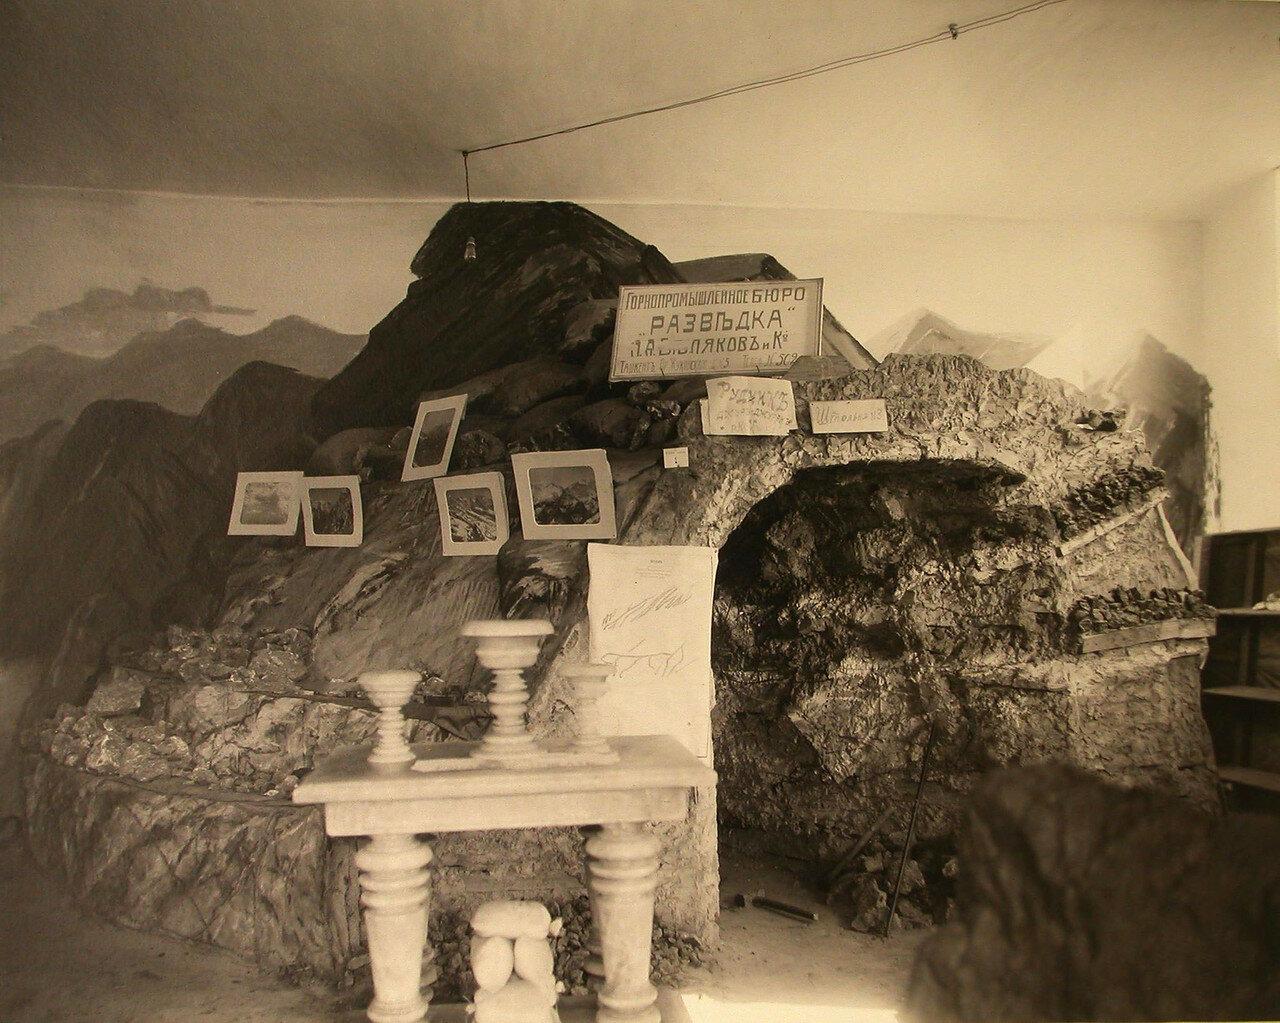 32. Внутренний вид павильона горного отдела